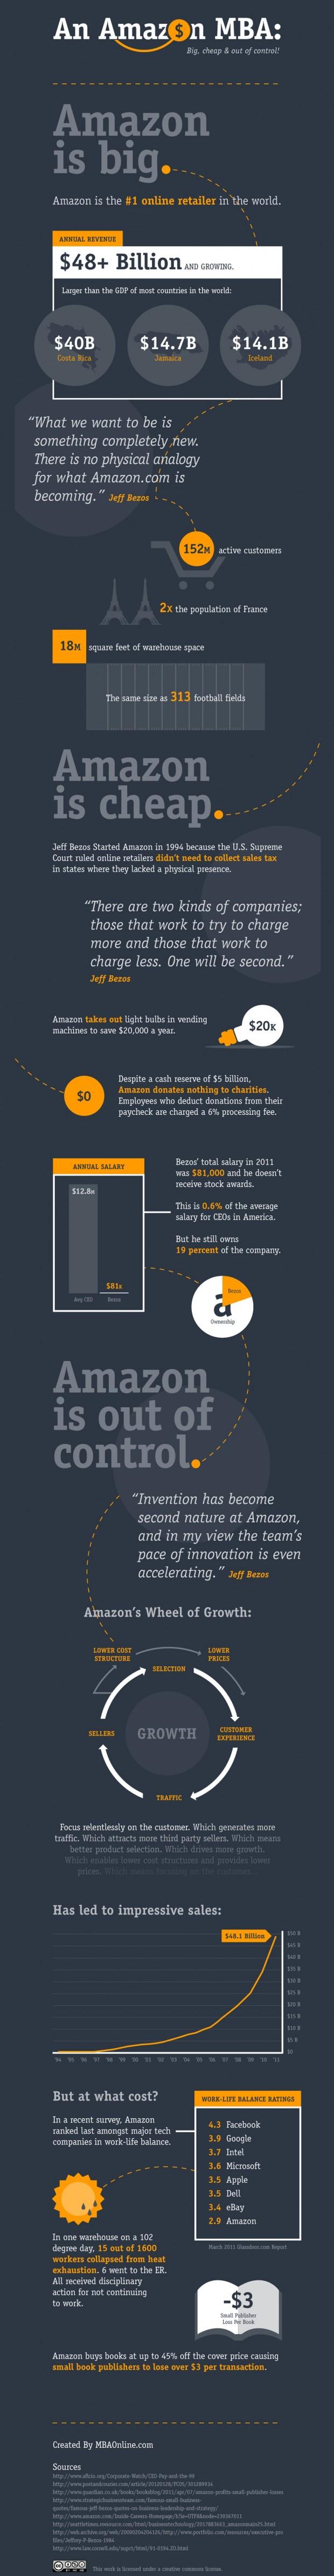 Amazon.com: Evil or Genius? [Infographic]